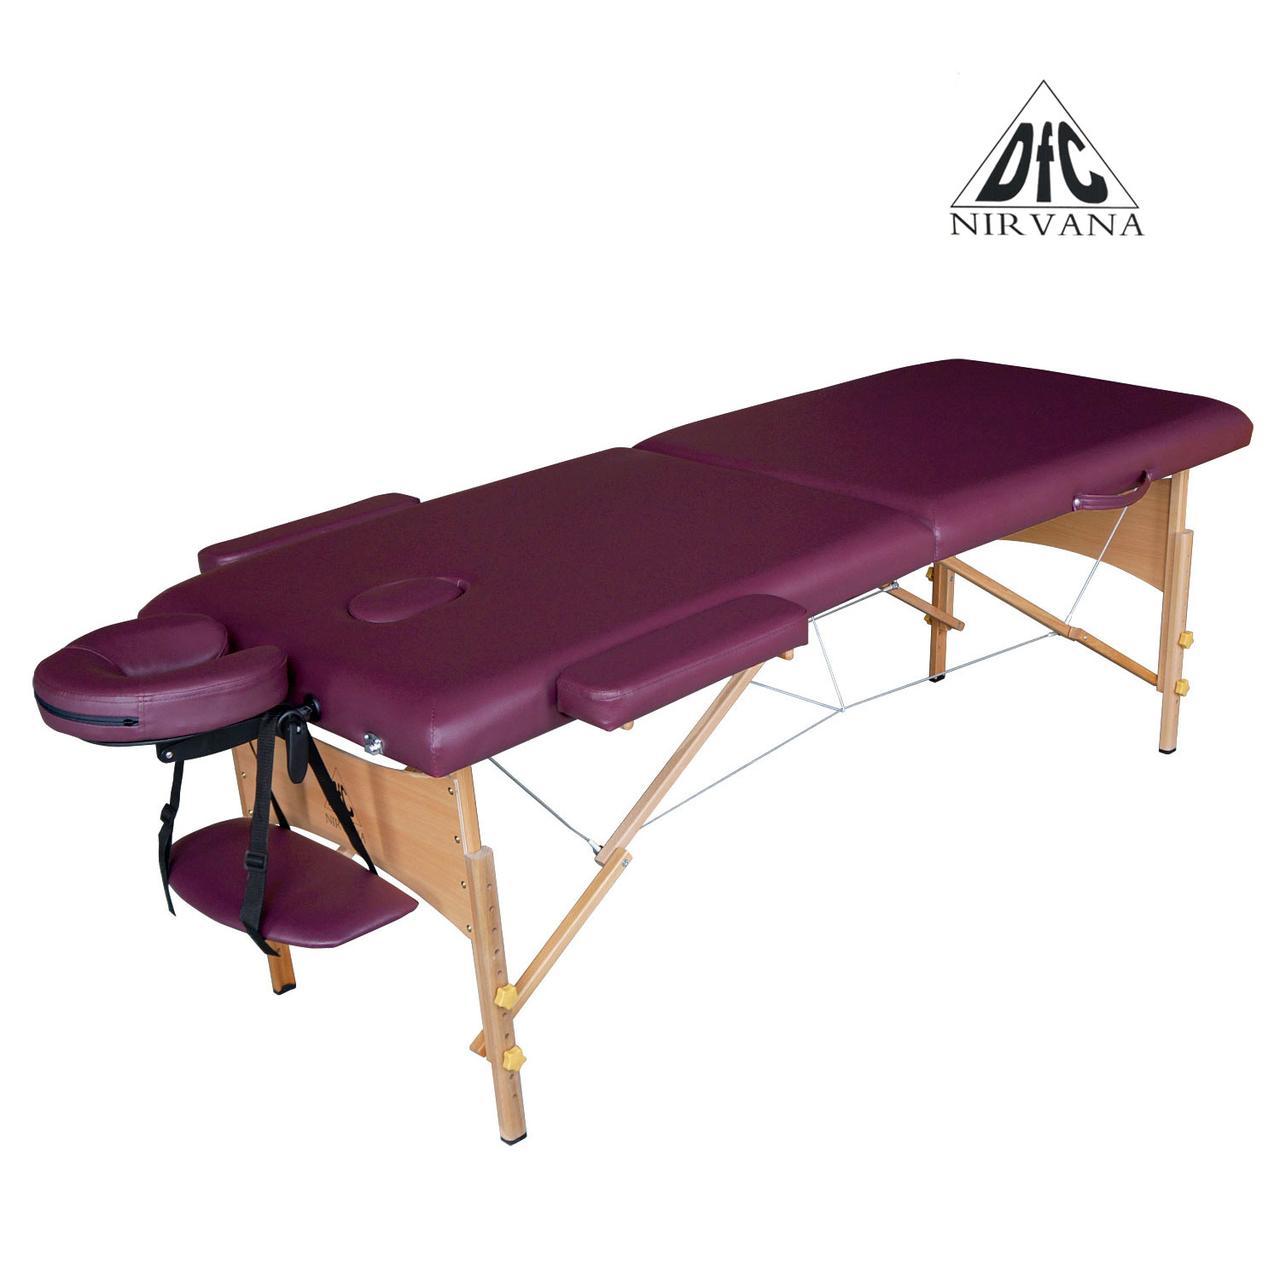 Массажный стол DFC NIRVANA Relax (Plum)